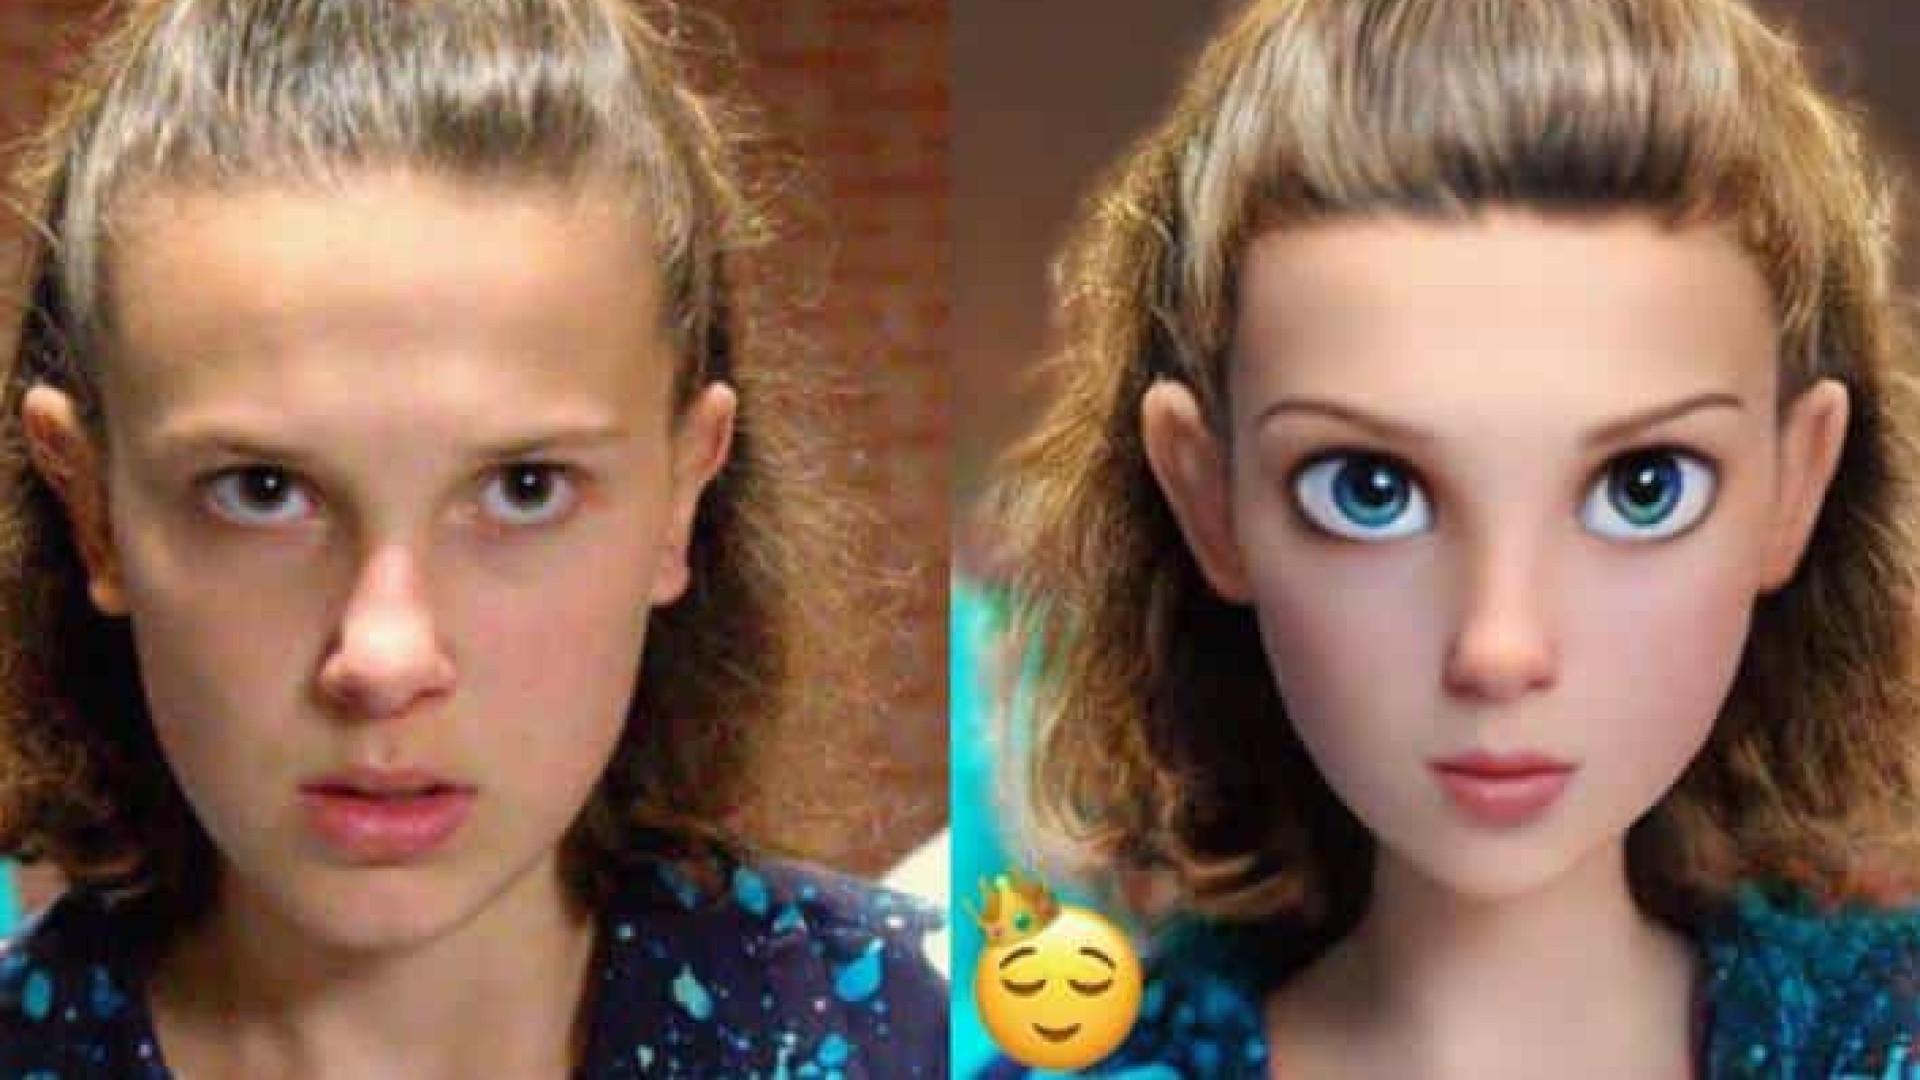 Eis a aplicação viral que transforma fotografias em cartoons